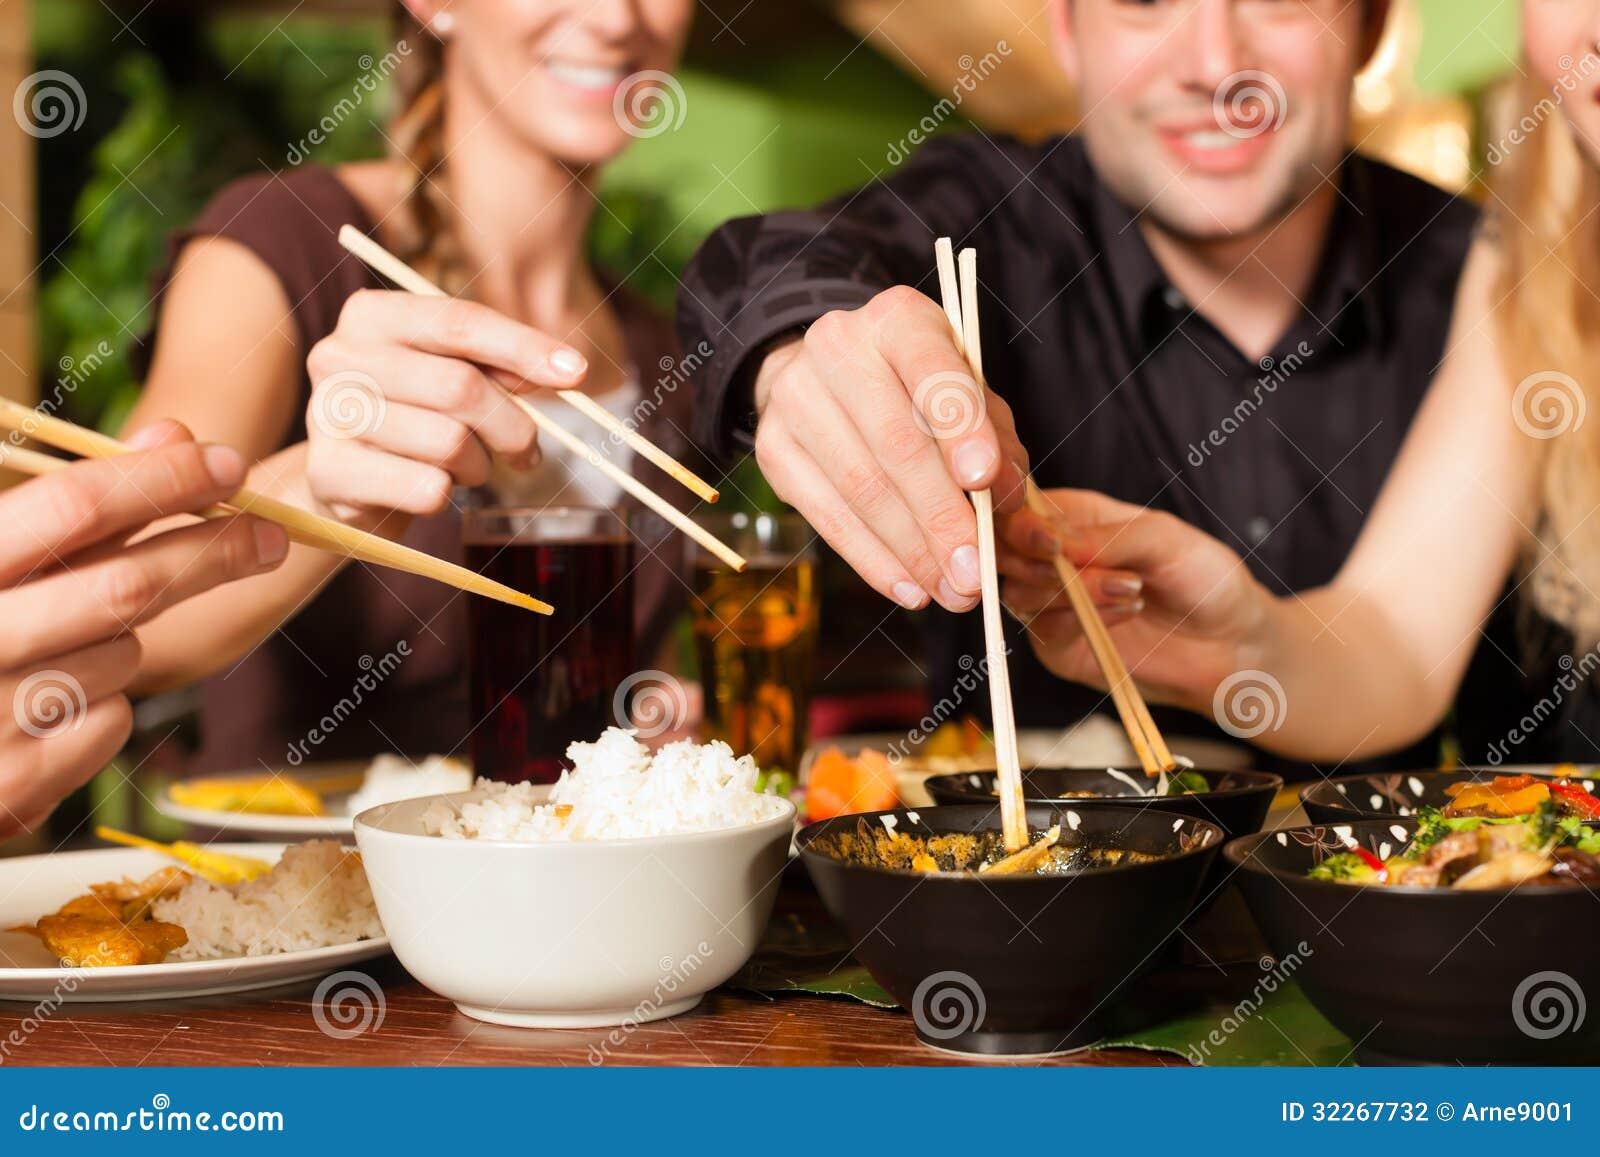 Молодые люди есть в тайском ресторане